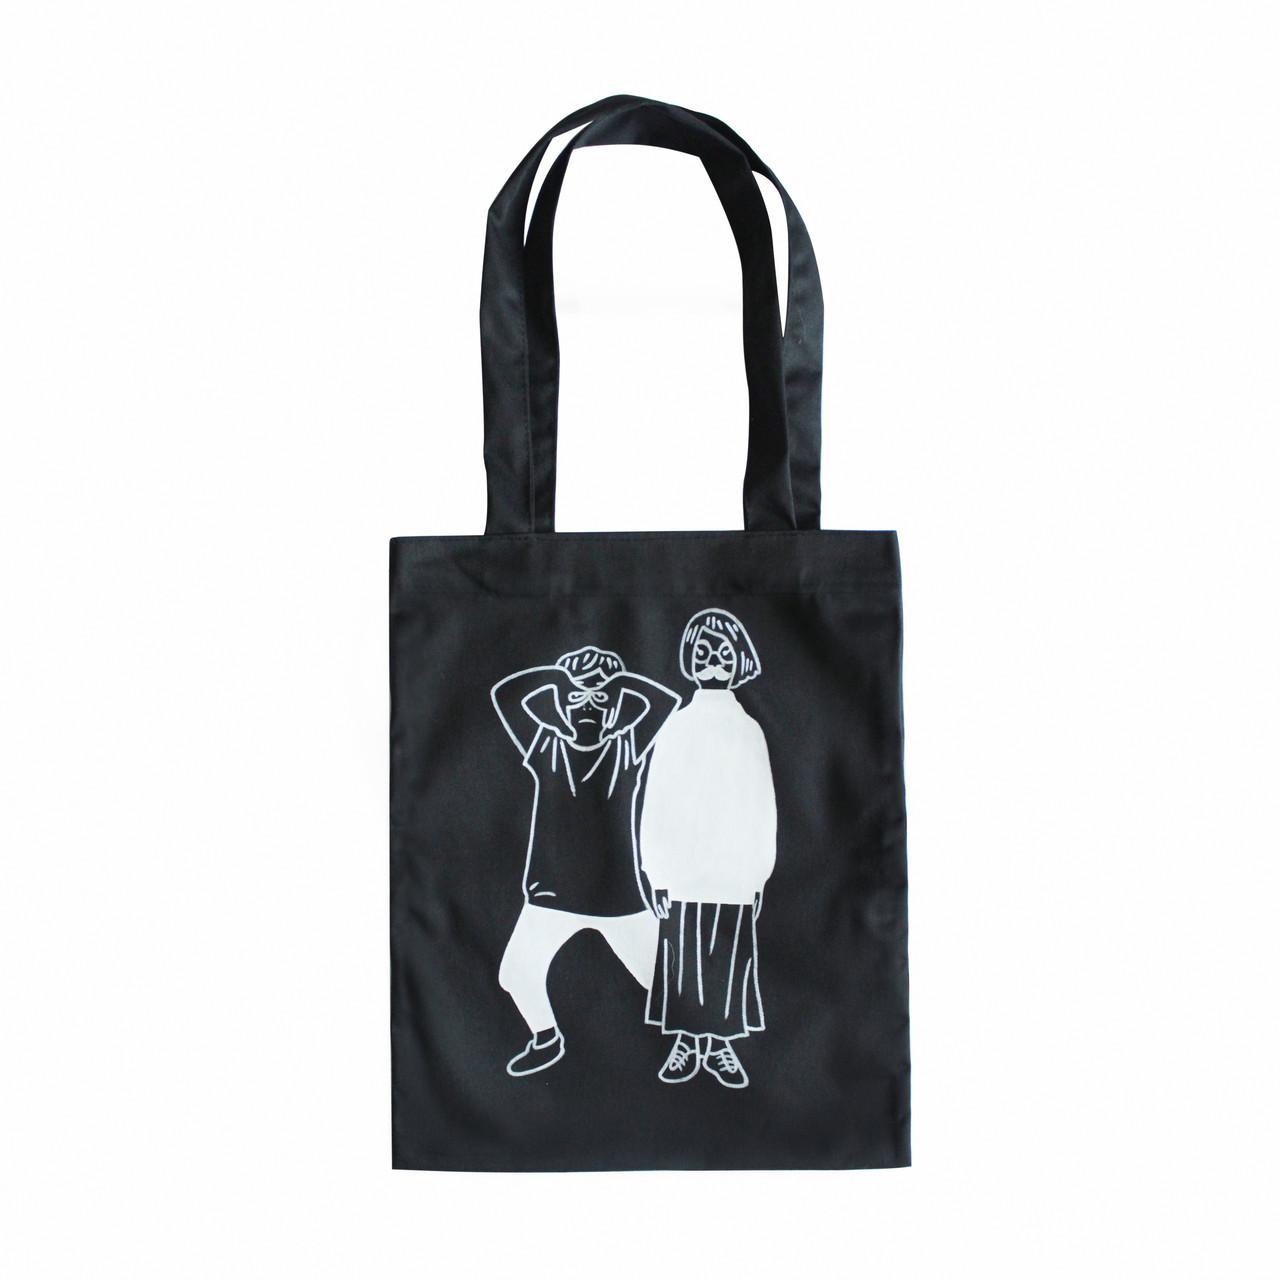 """Черная сумка для покупок """"эко-шоппер"""" ручной работы с принтом """"Couple"""", саржа"""